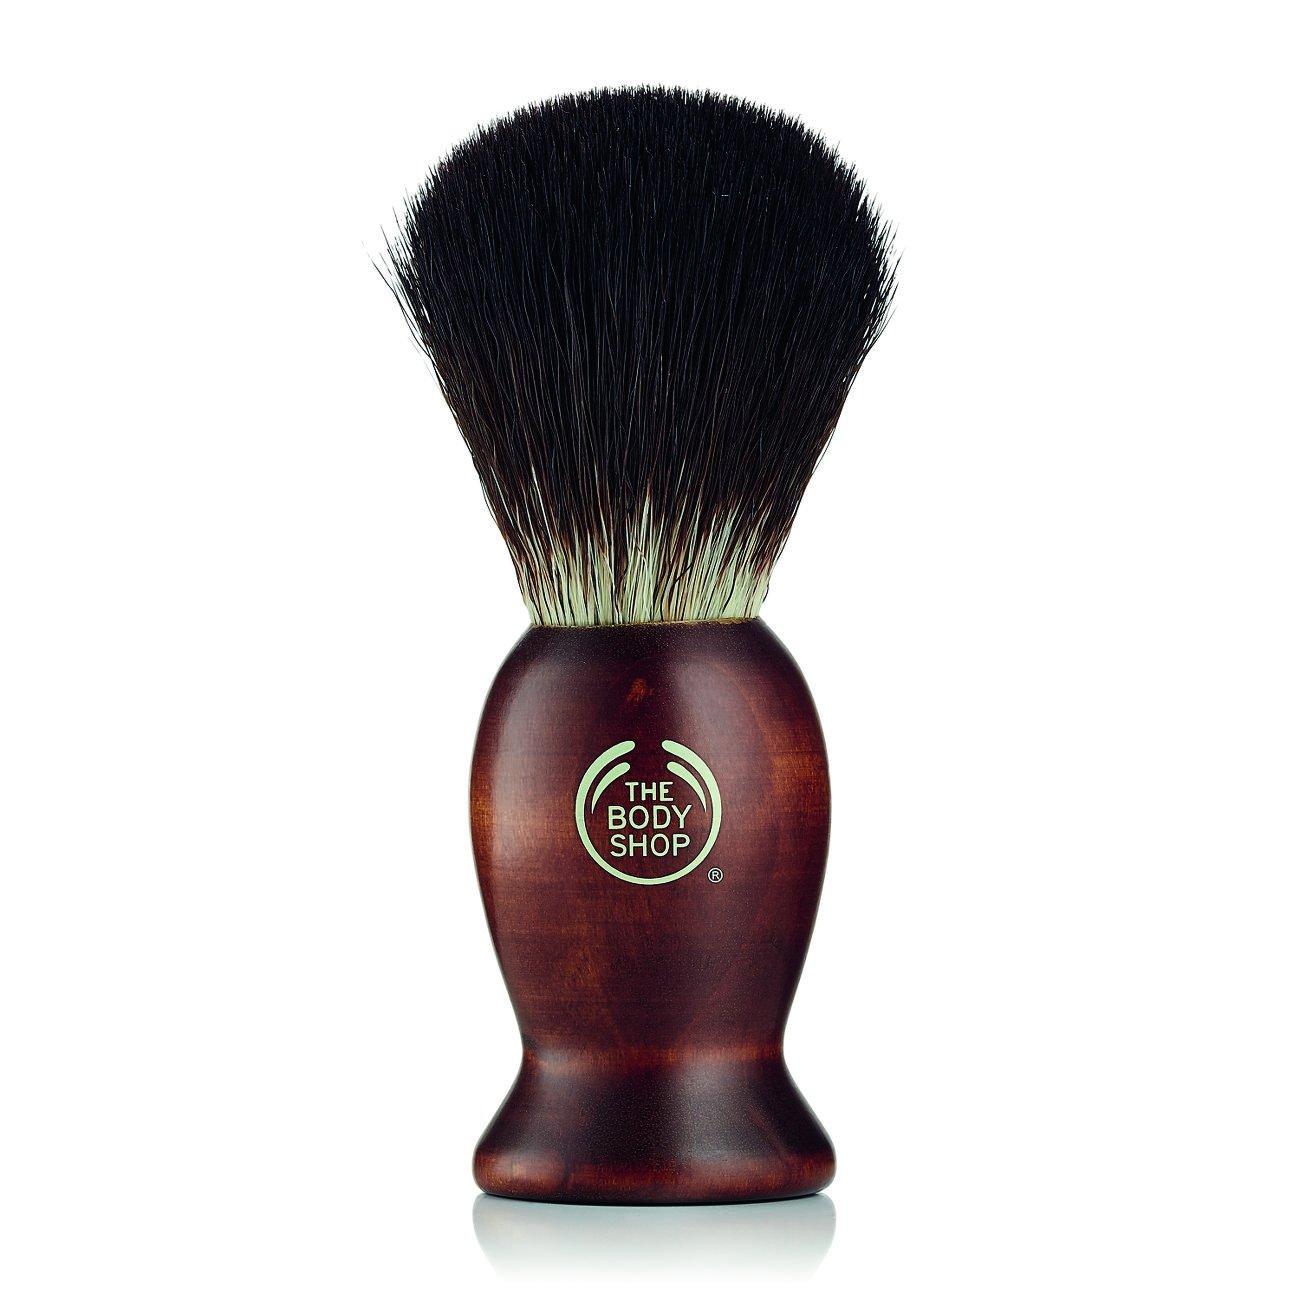 The Body Shop Men's Wooden Shaving Brush